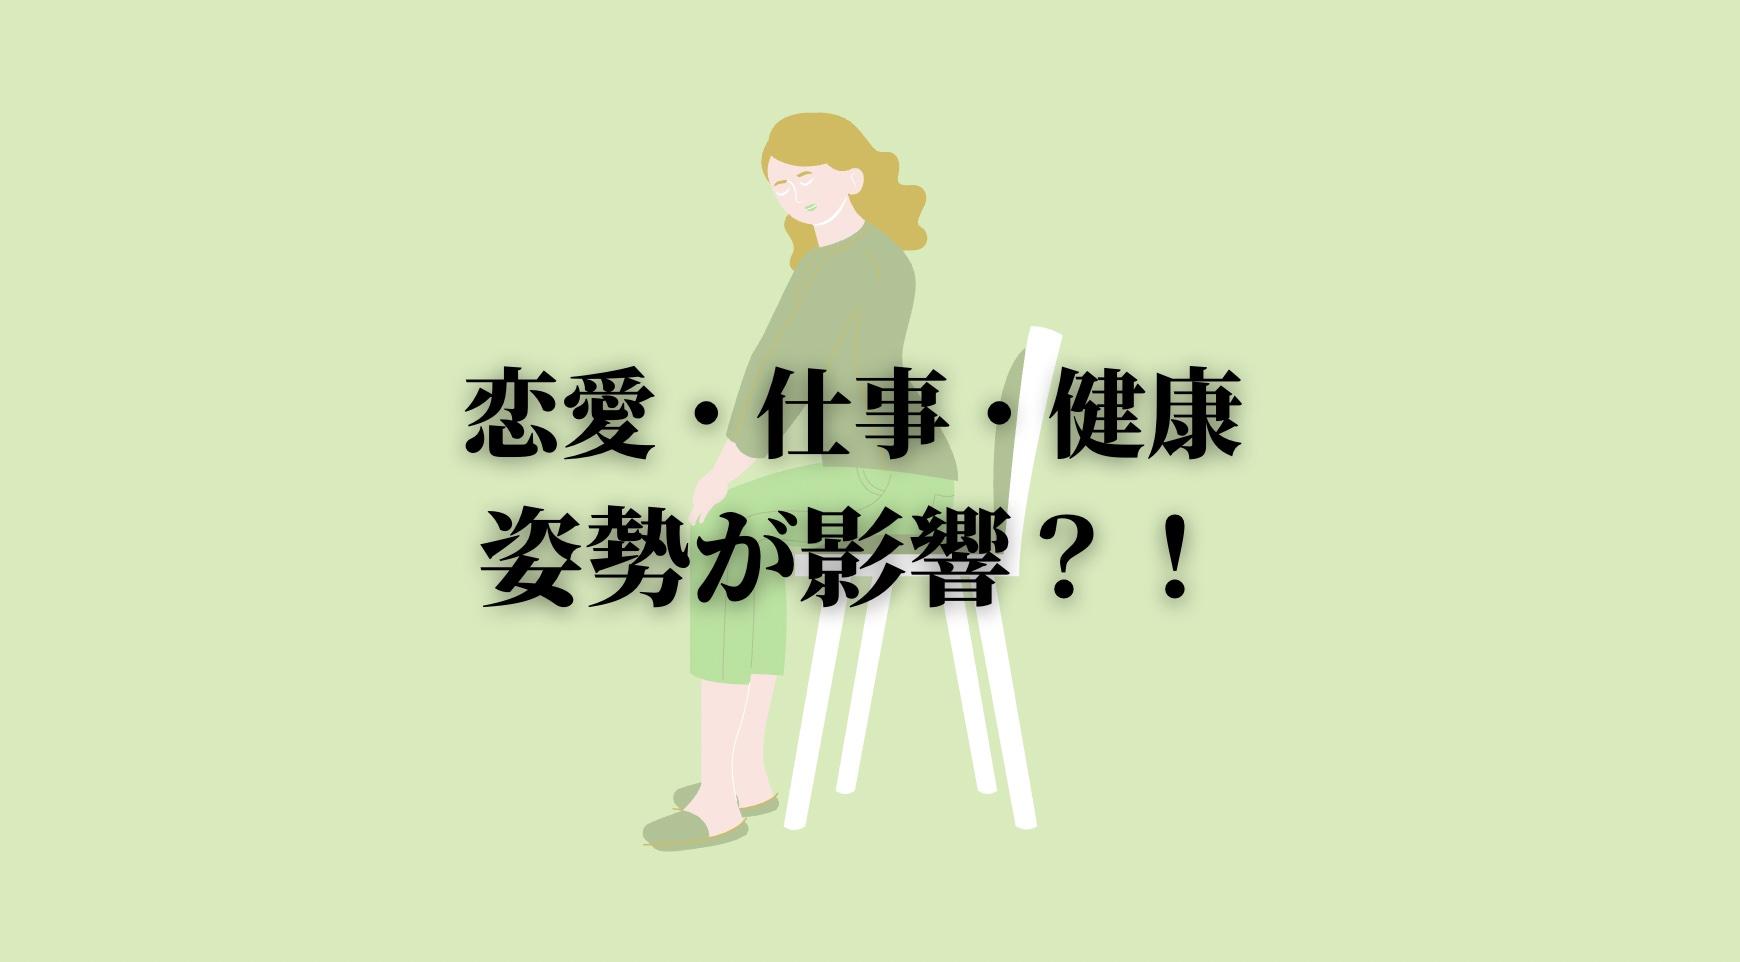 """""""恋愛・仕事・健康""""を変えたいなら【姿勢】を変えなさい"""